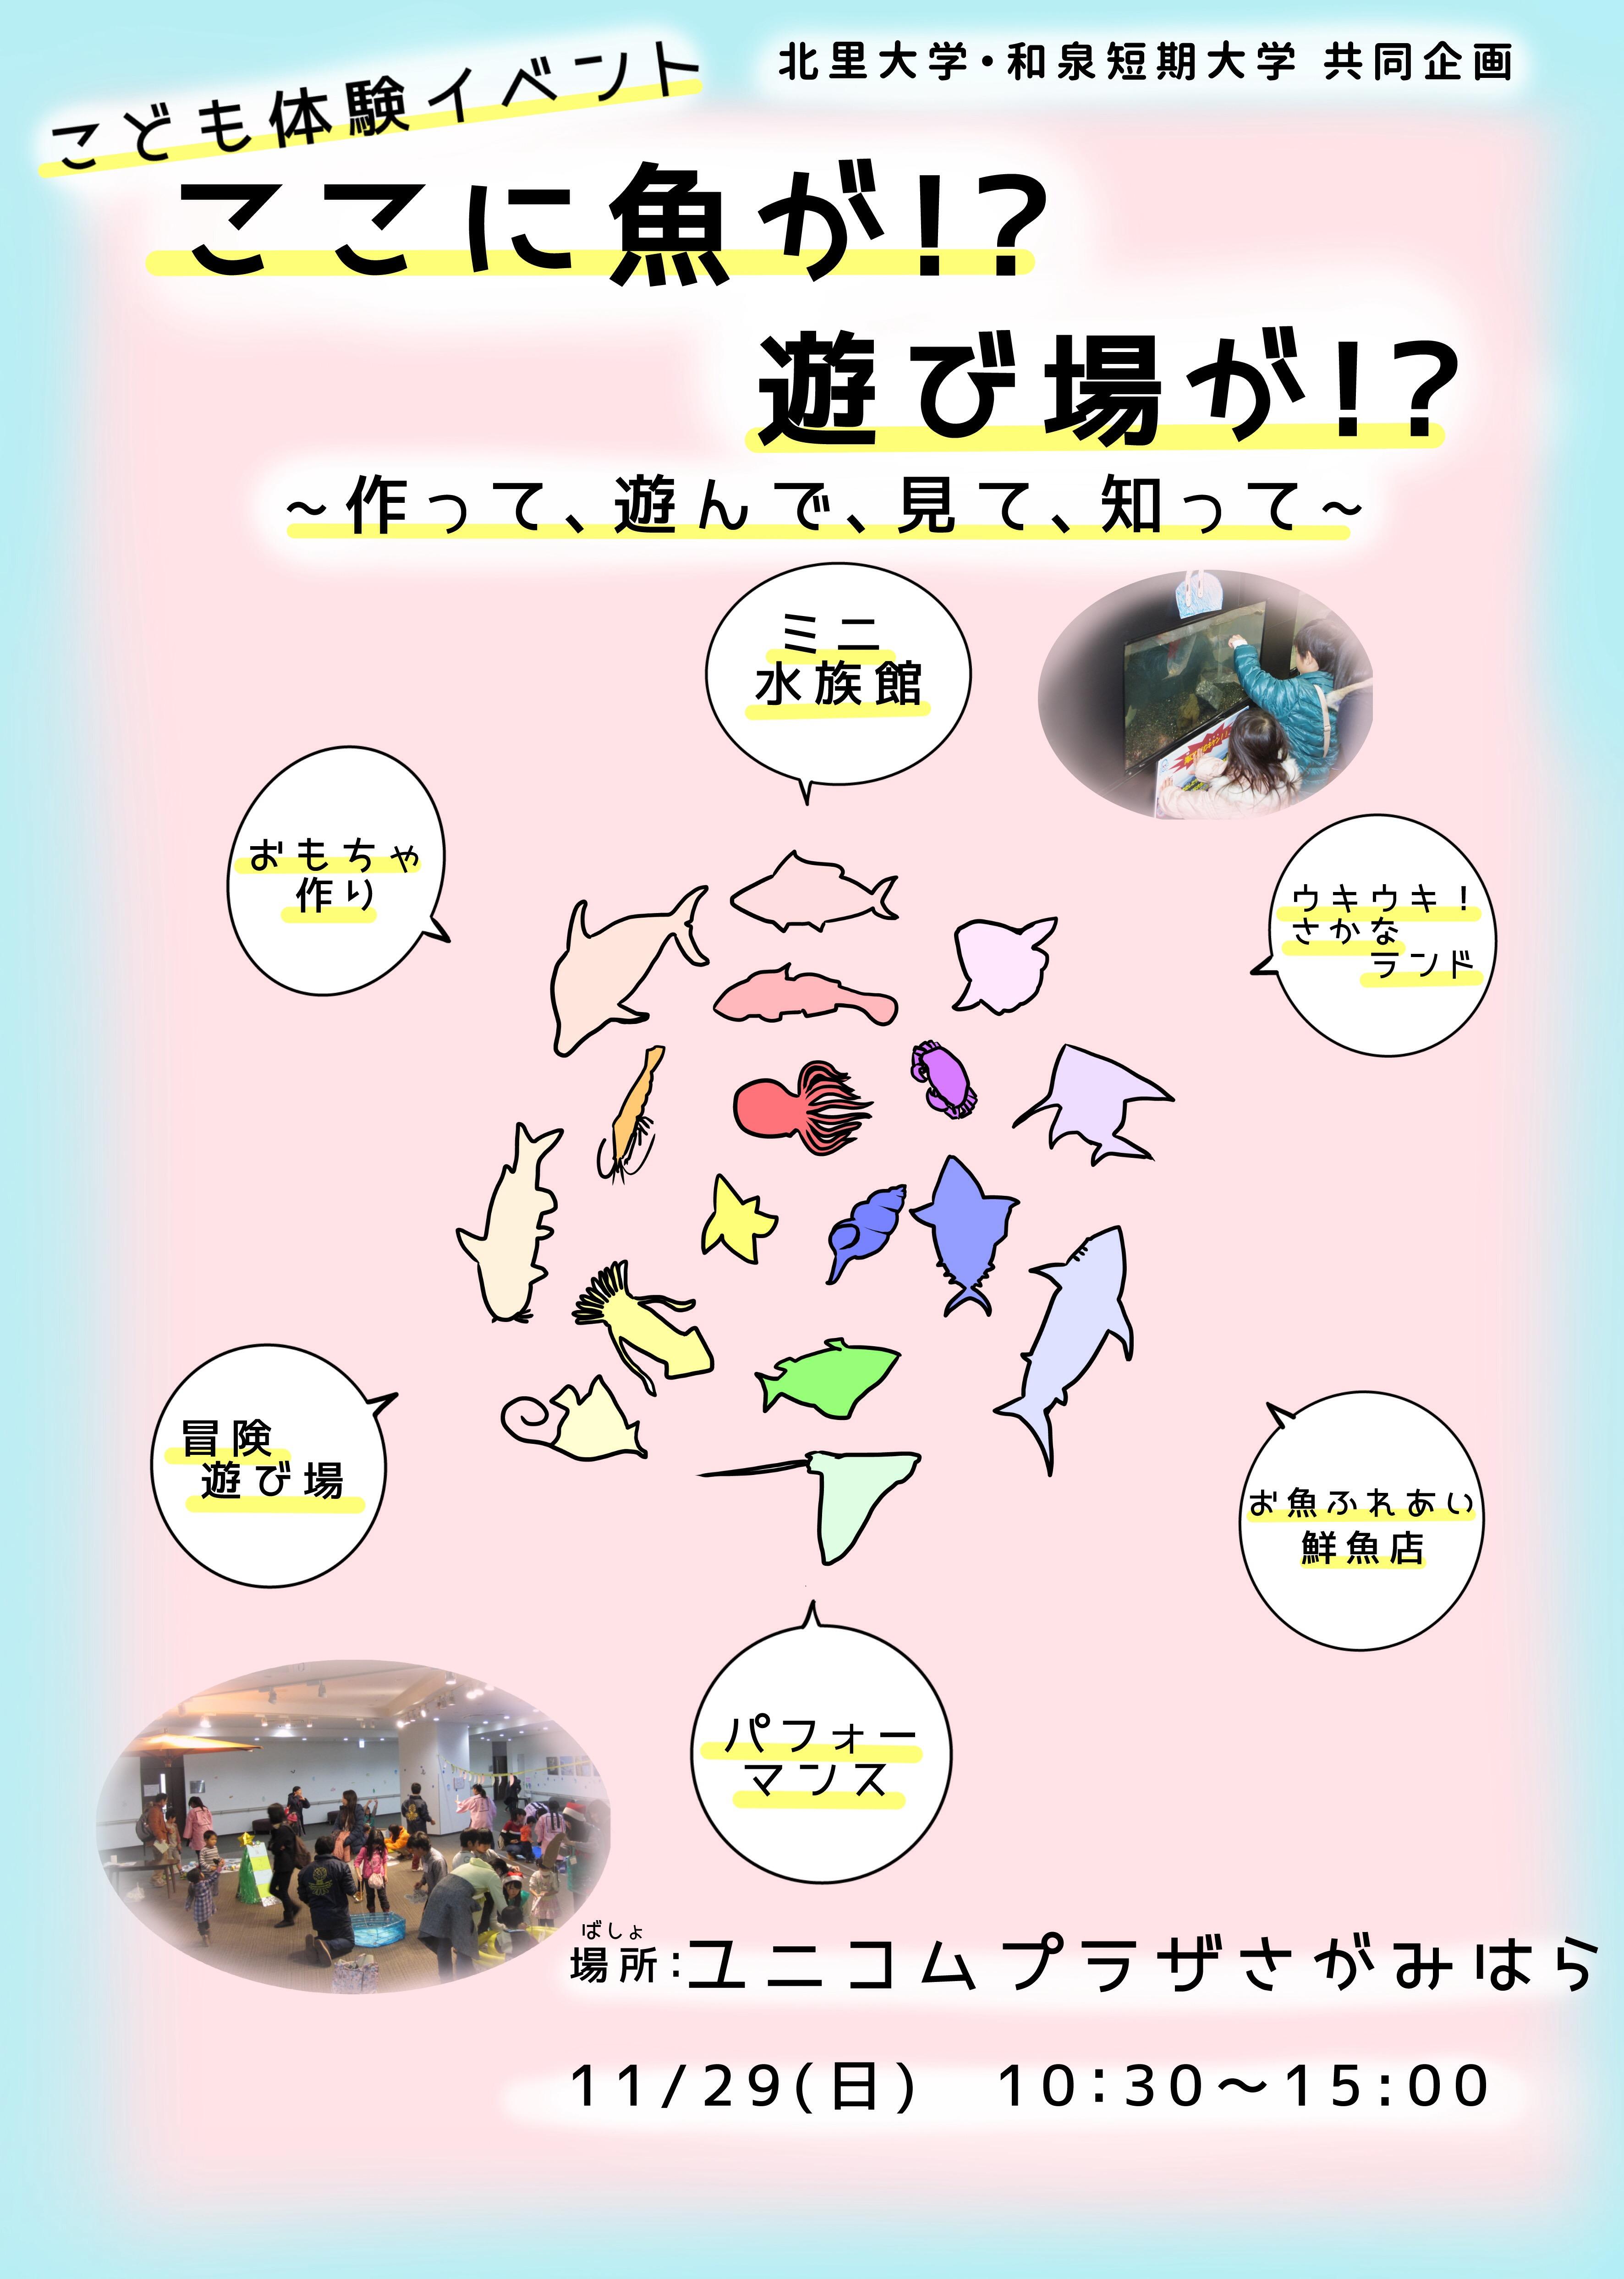 image3 (3)